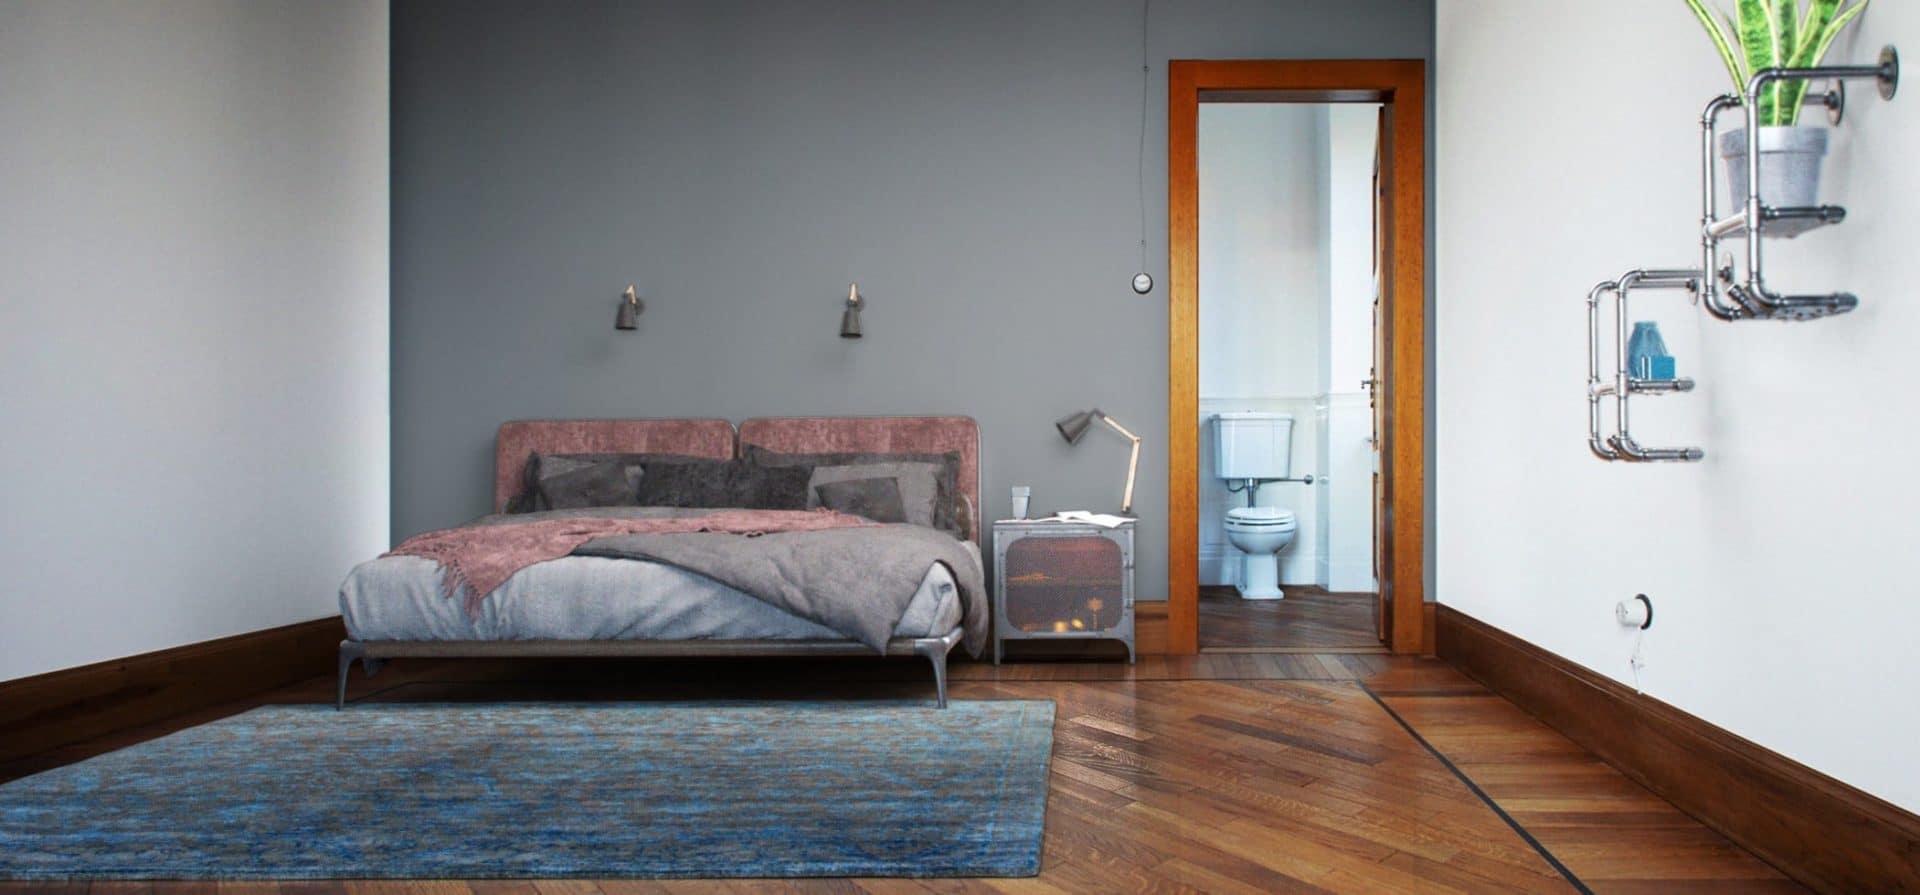 Virtuelles Homestaging von Schlafzimmer im Industrial Style